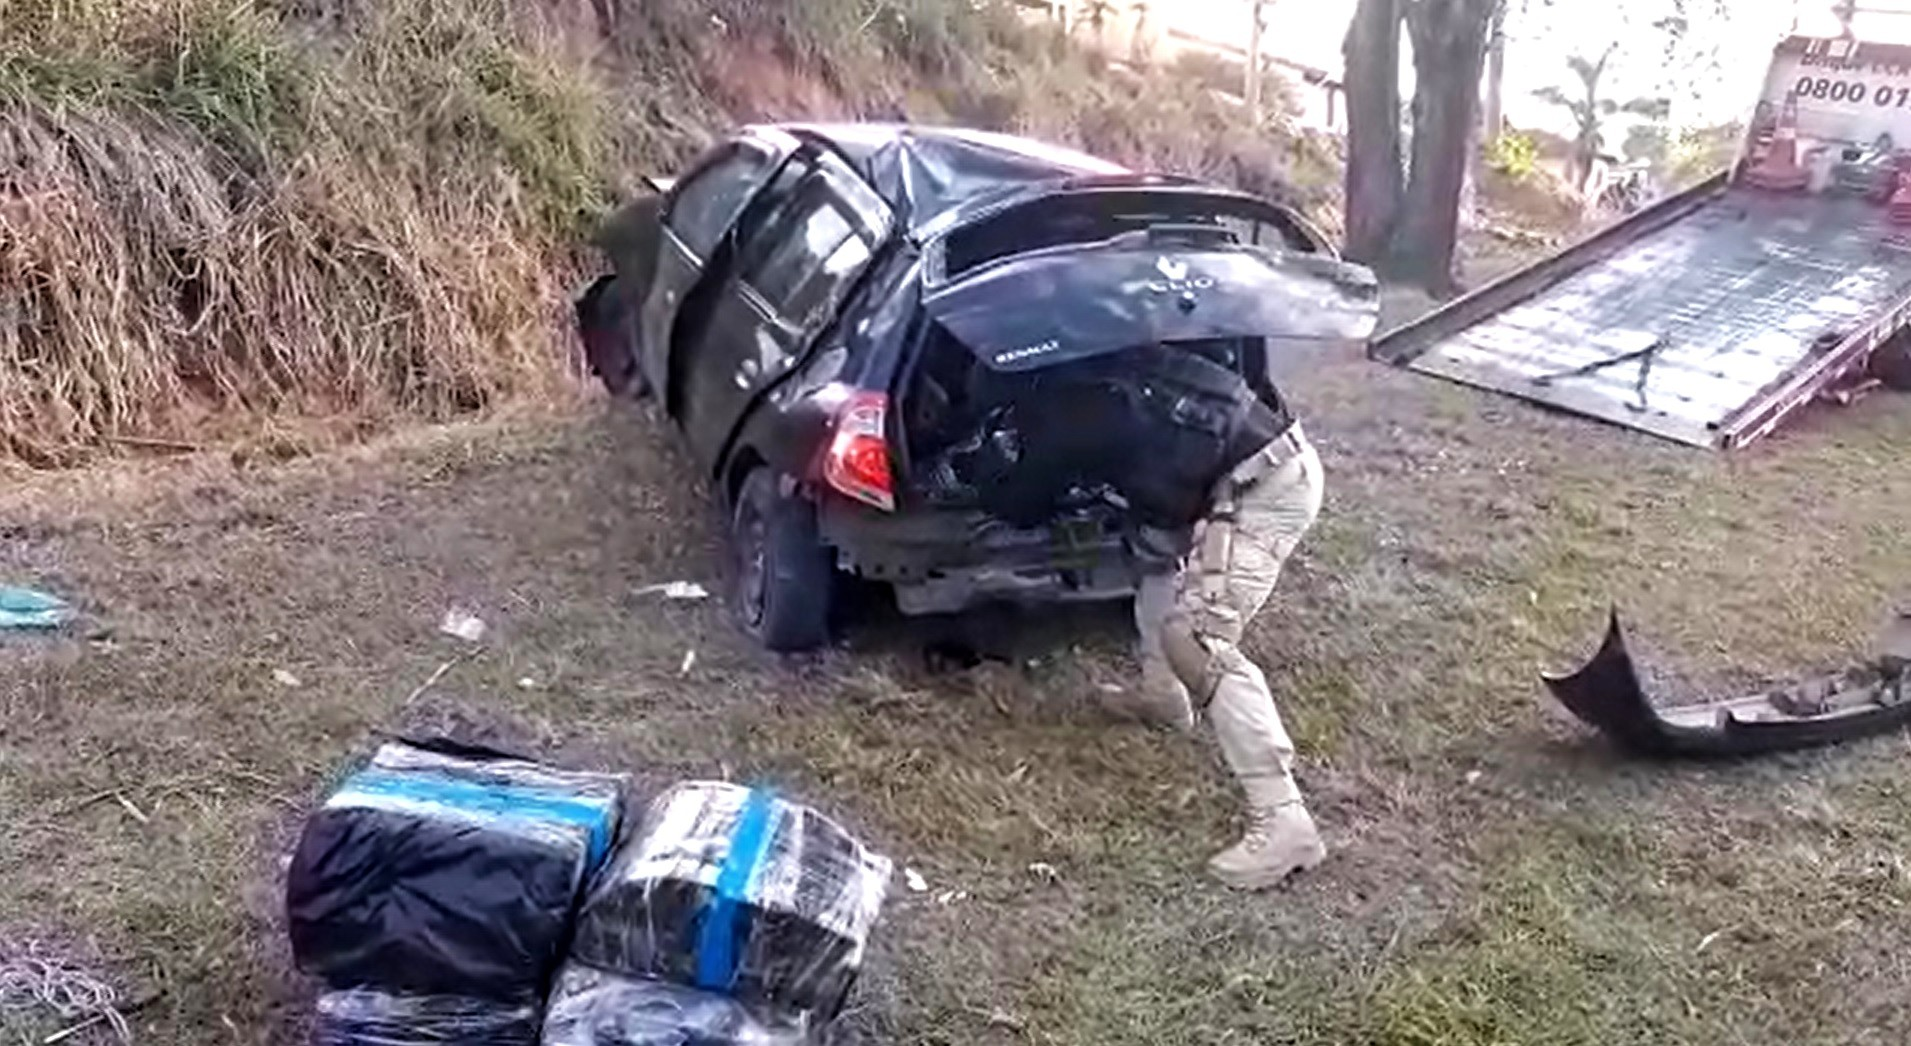 Homem é preso com 50 quilos de maconha após capotar carro durante fuga na Via Dutra